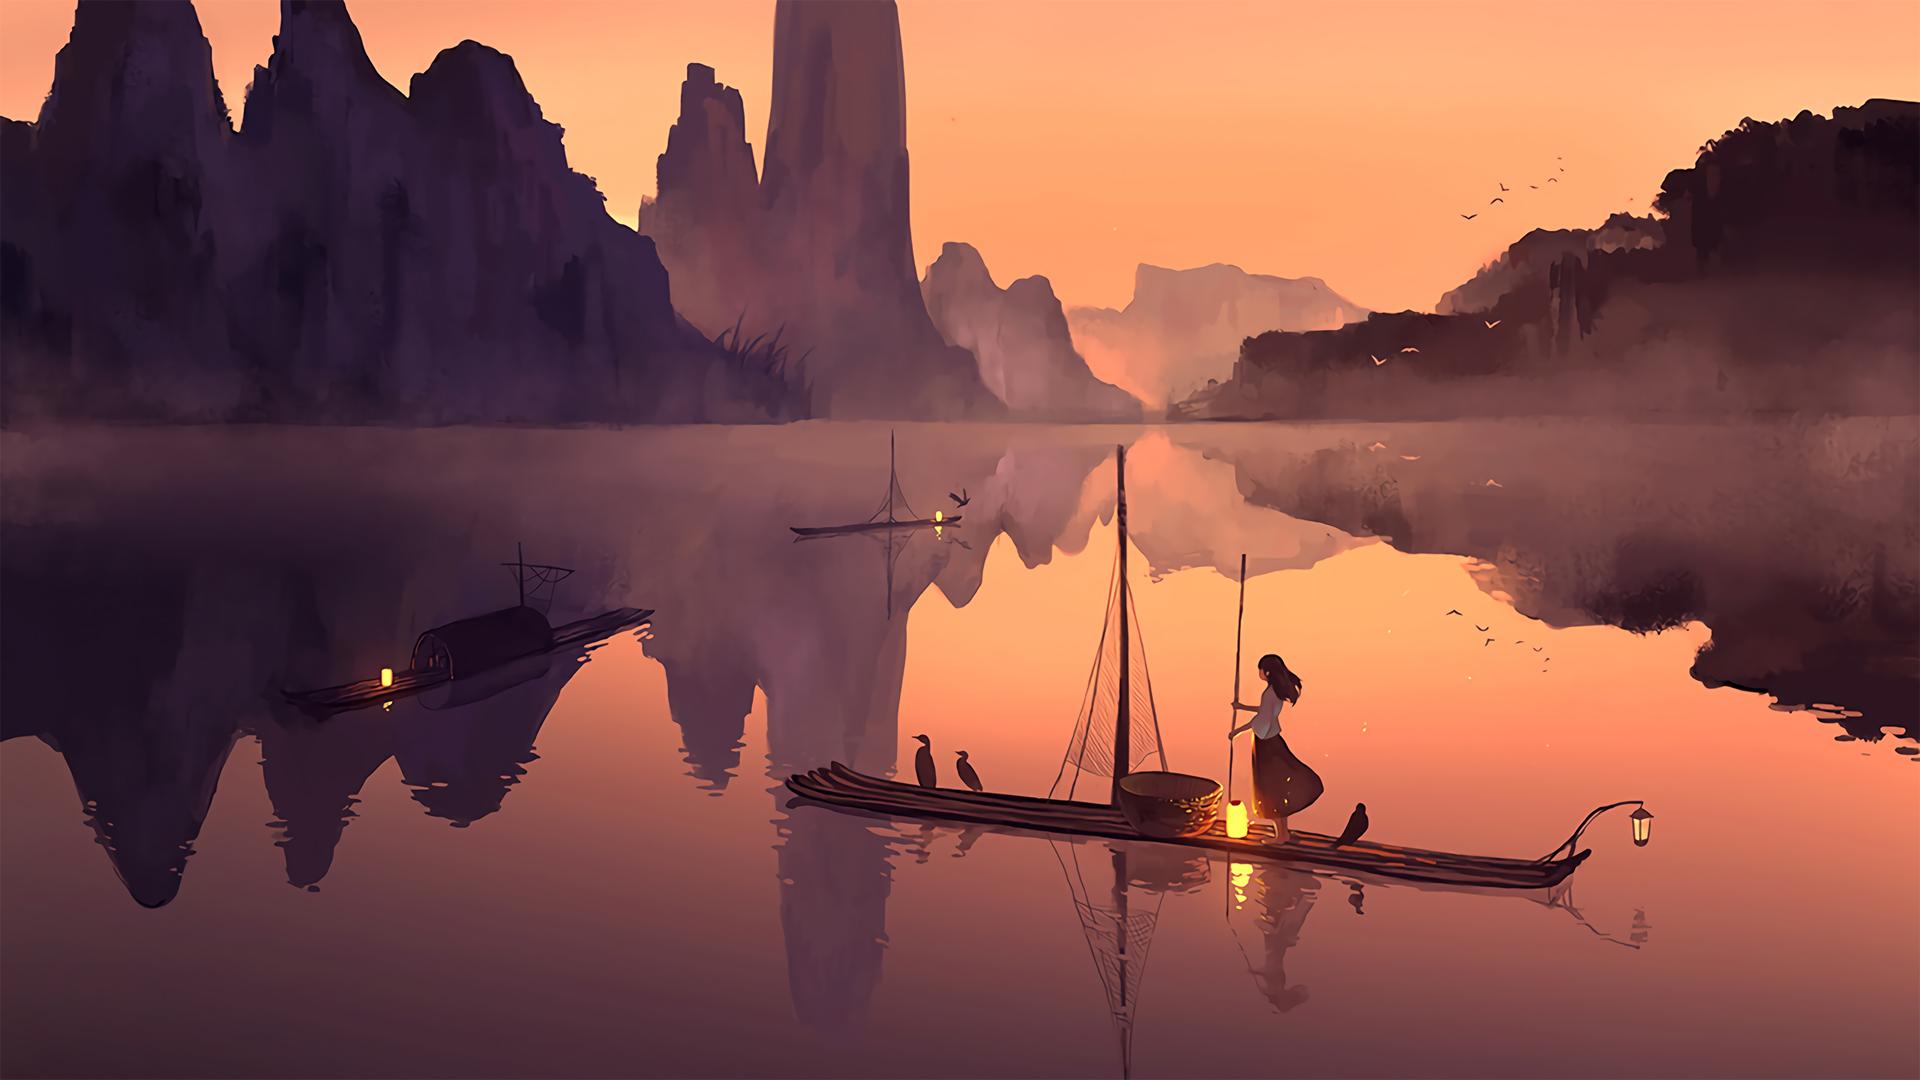 高清版 晚上 竹排 女孩 渔船 灯 好看二次元动漫壁纸(1920×1080)